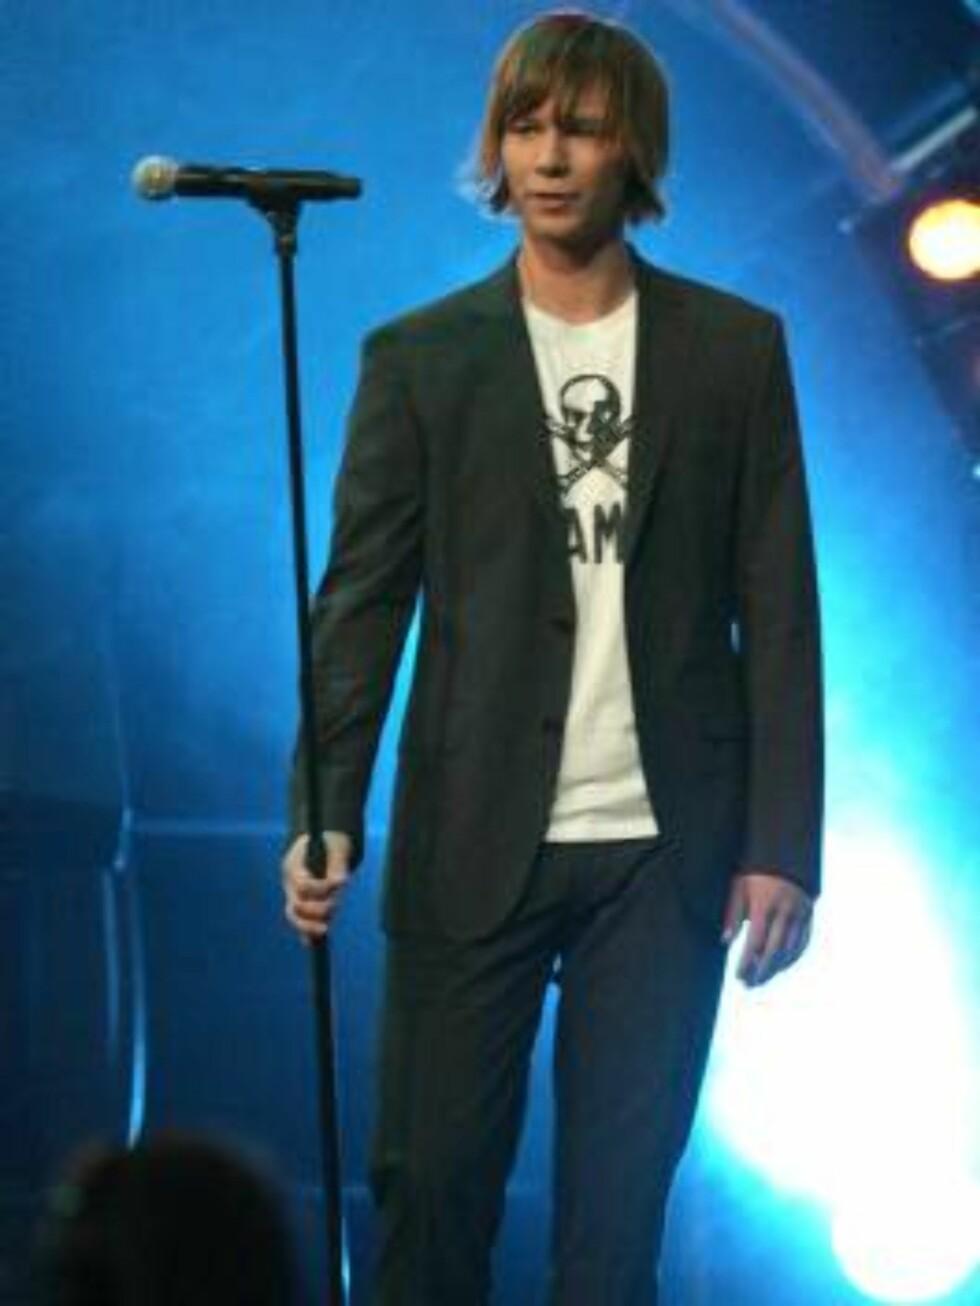 NUMMER TRE I IDOL: Jonas imponerte kraftig da han nesten gikk hele veien i idolfinalen 2006. Foto: Andreas Fadum, Se og Hør